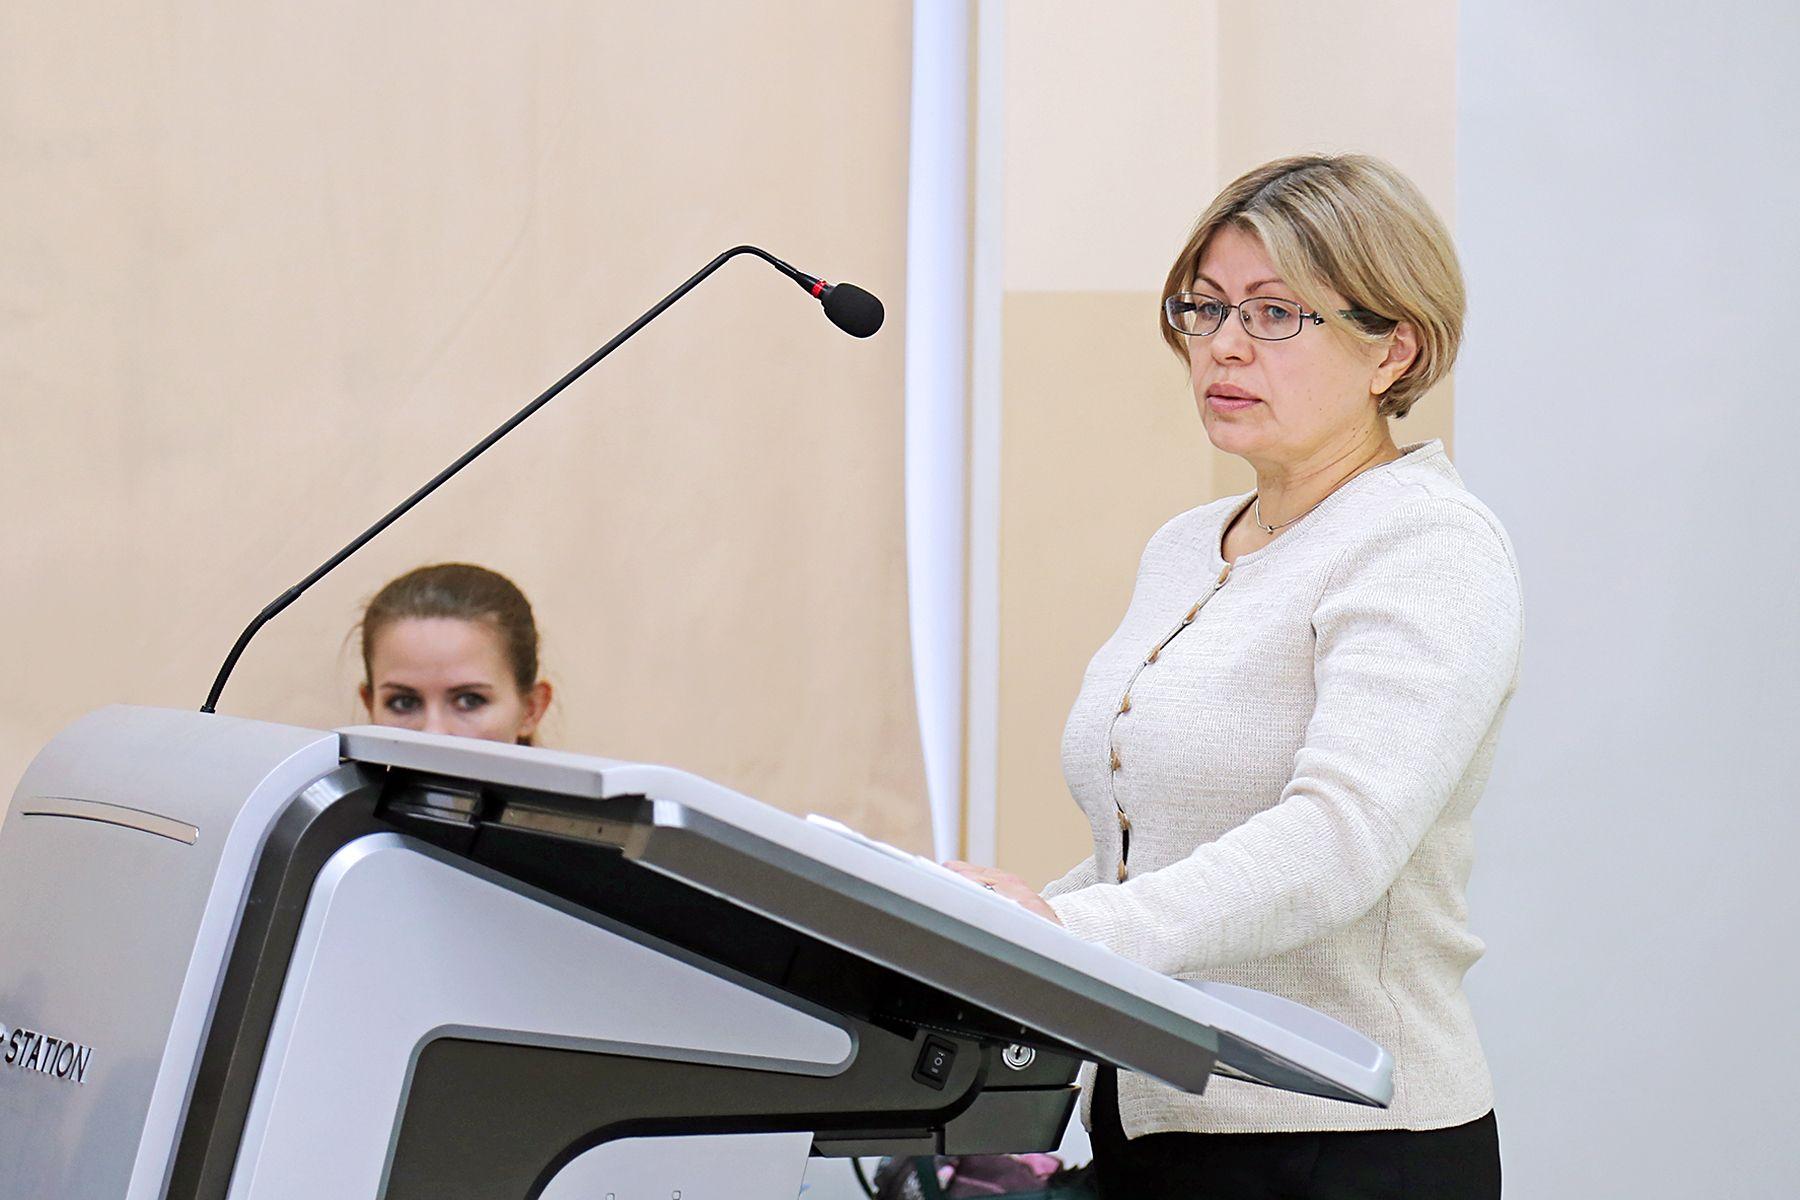 Проект «Приглашенный спикер» во ВГУЭС: валютный контроль и противодействие легализации незаконных доходов